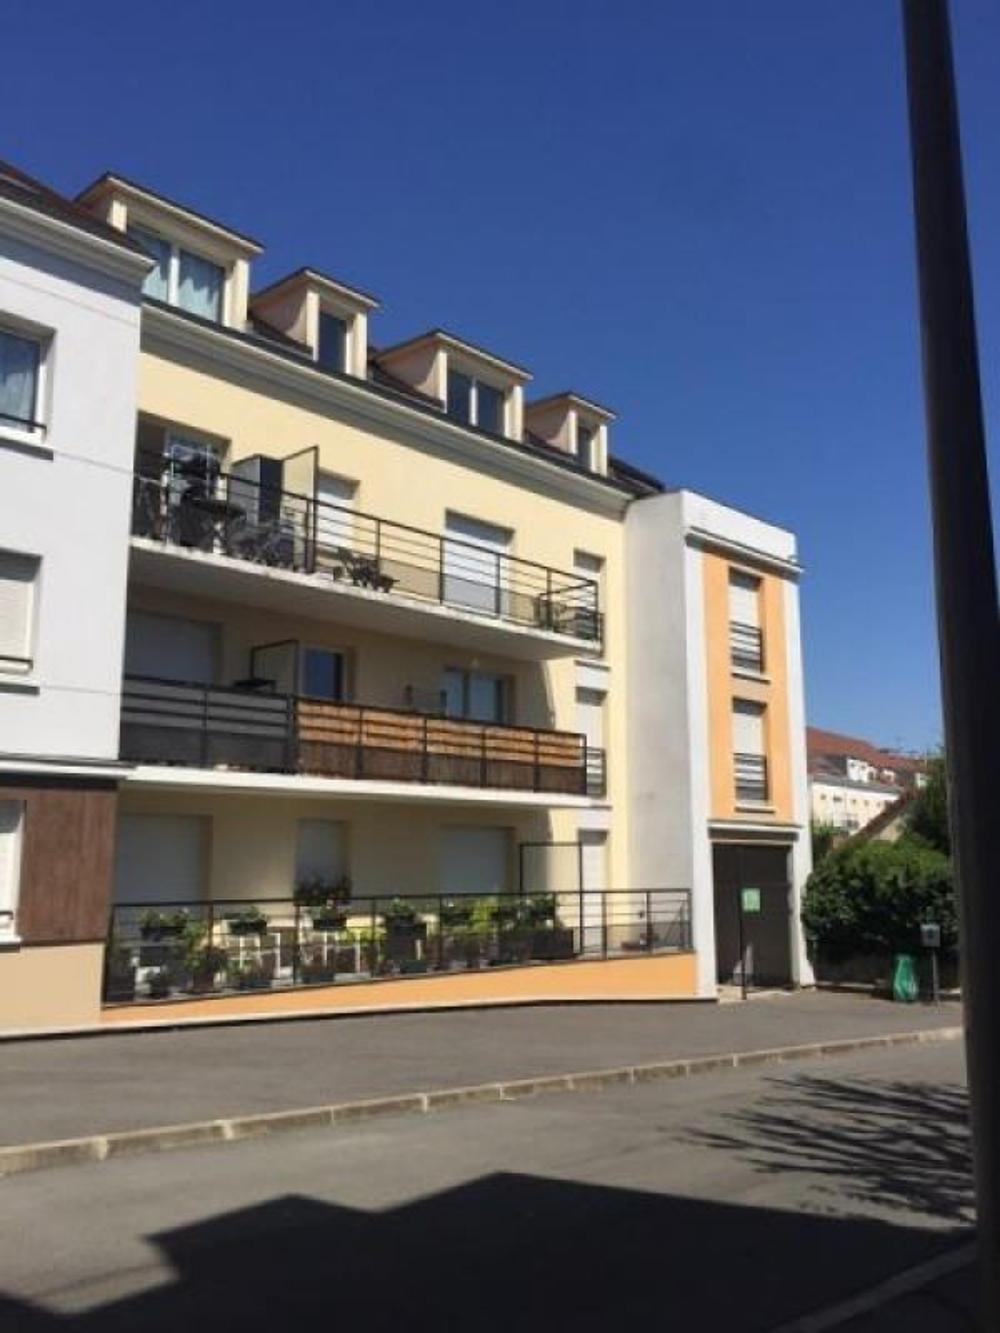 Longjumeau Essonne Apartment Bild 3440045